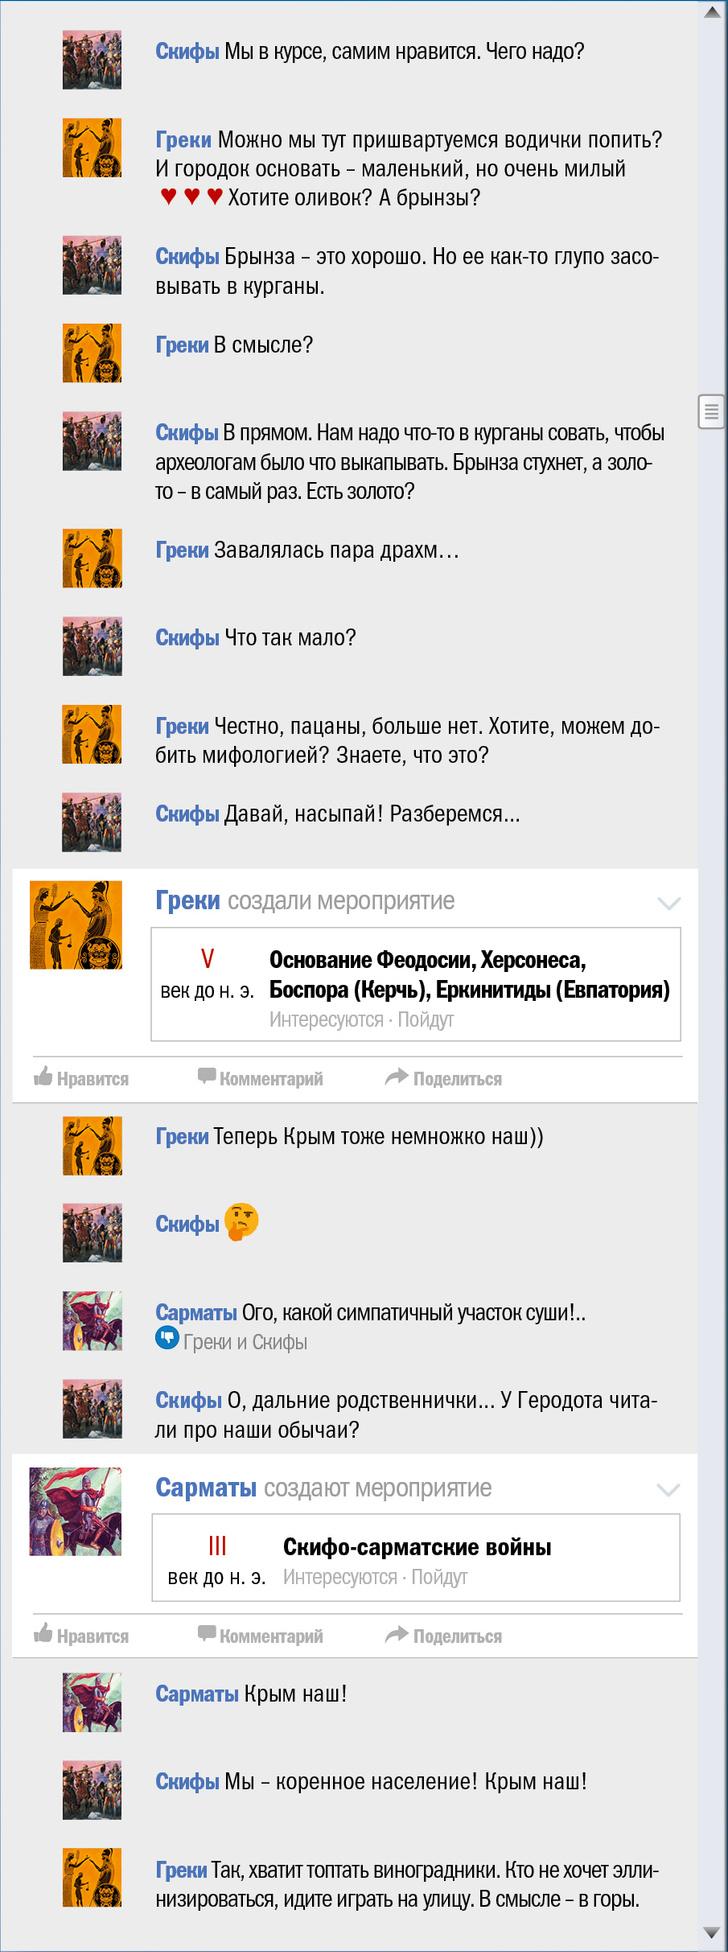 Фото №3 - Крым чей? Правдивая история Крыма в виде ленты «Фейсбука»